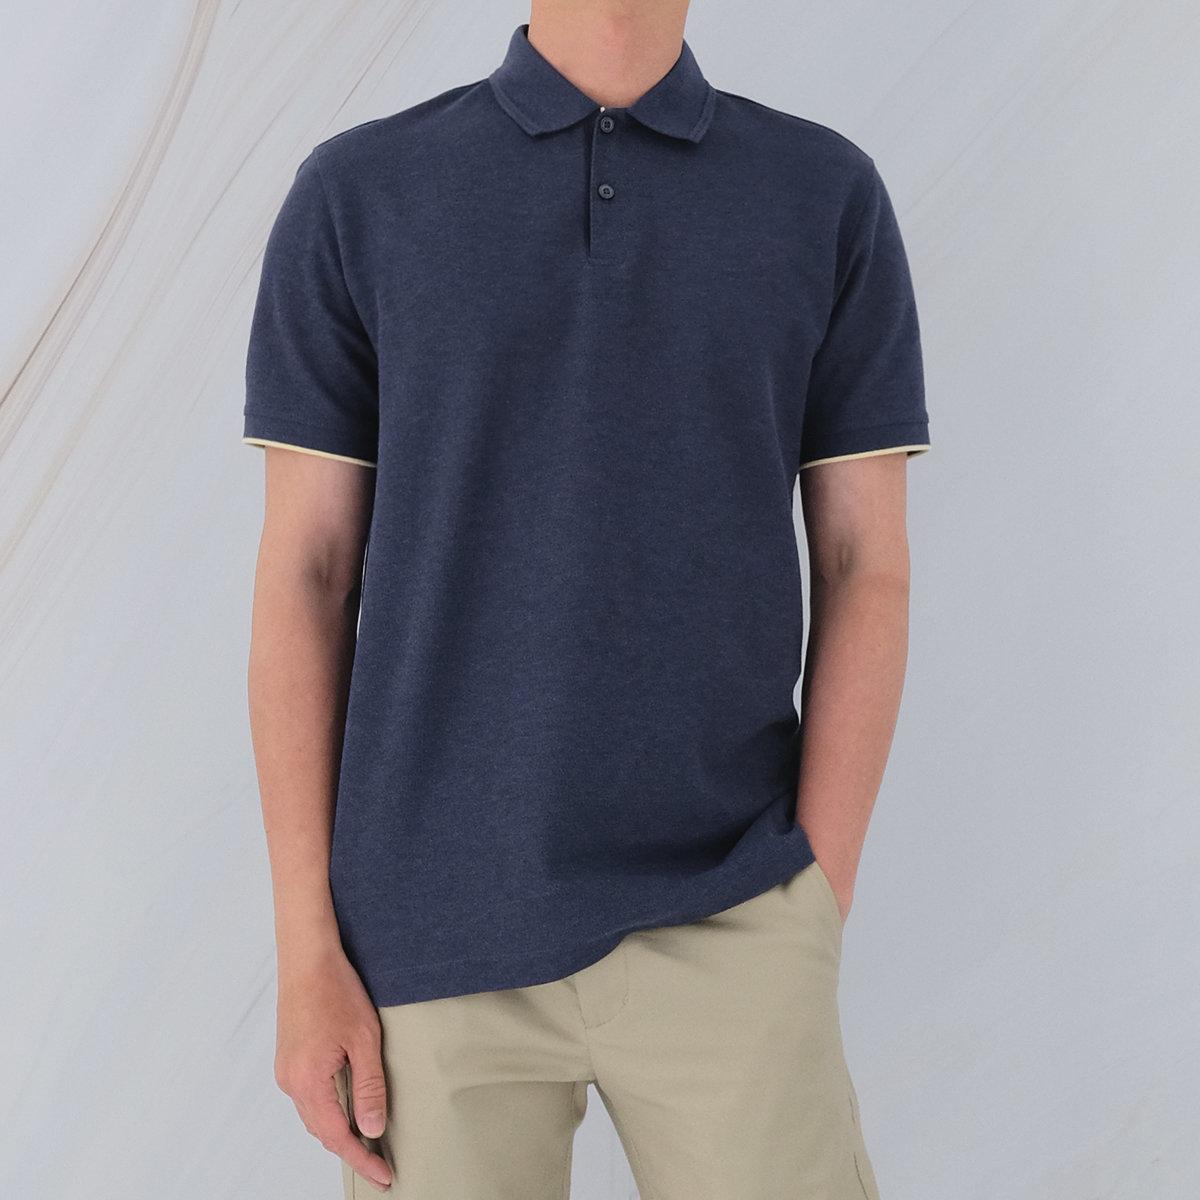 Men's Cotton Blended Polo (Dark Navy)